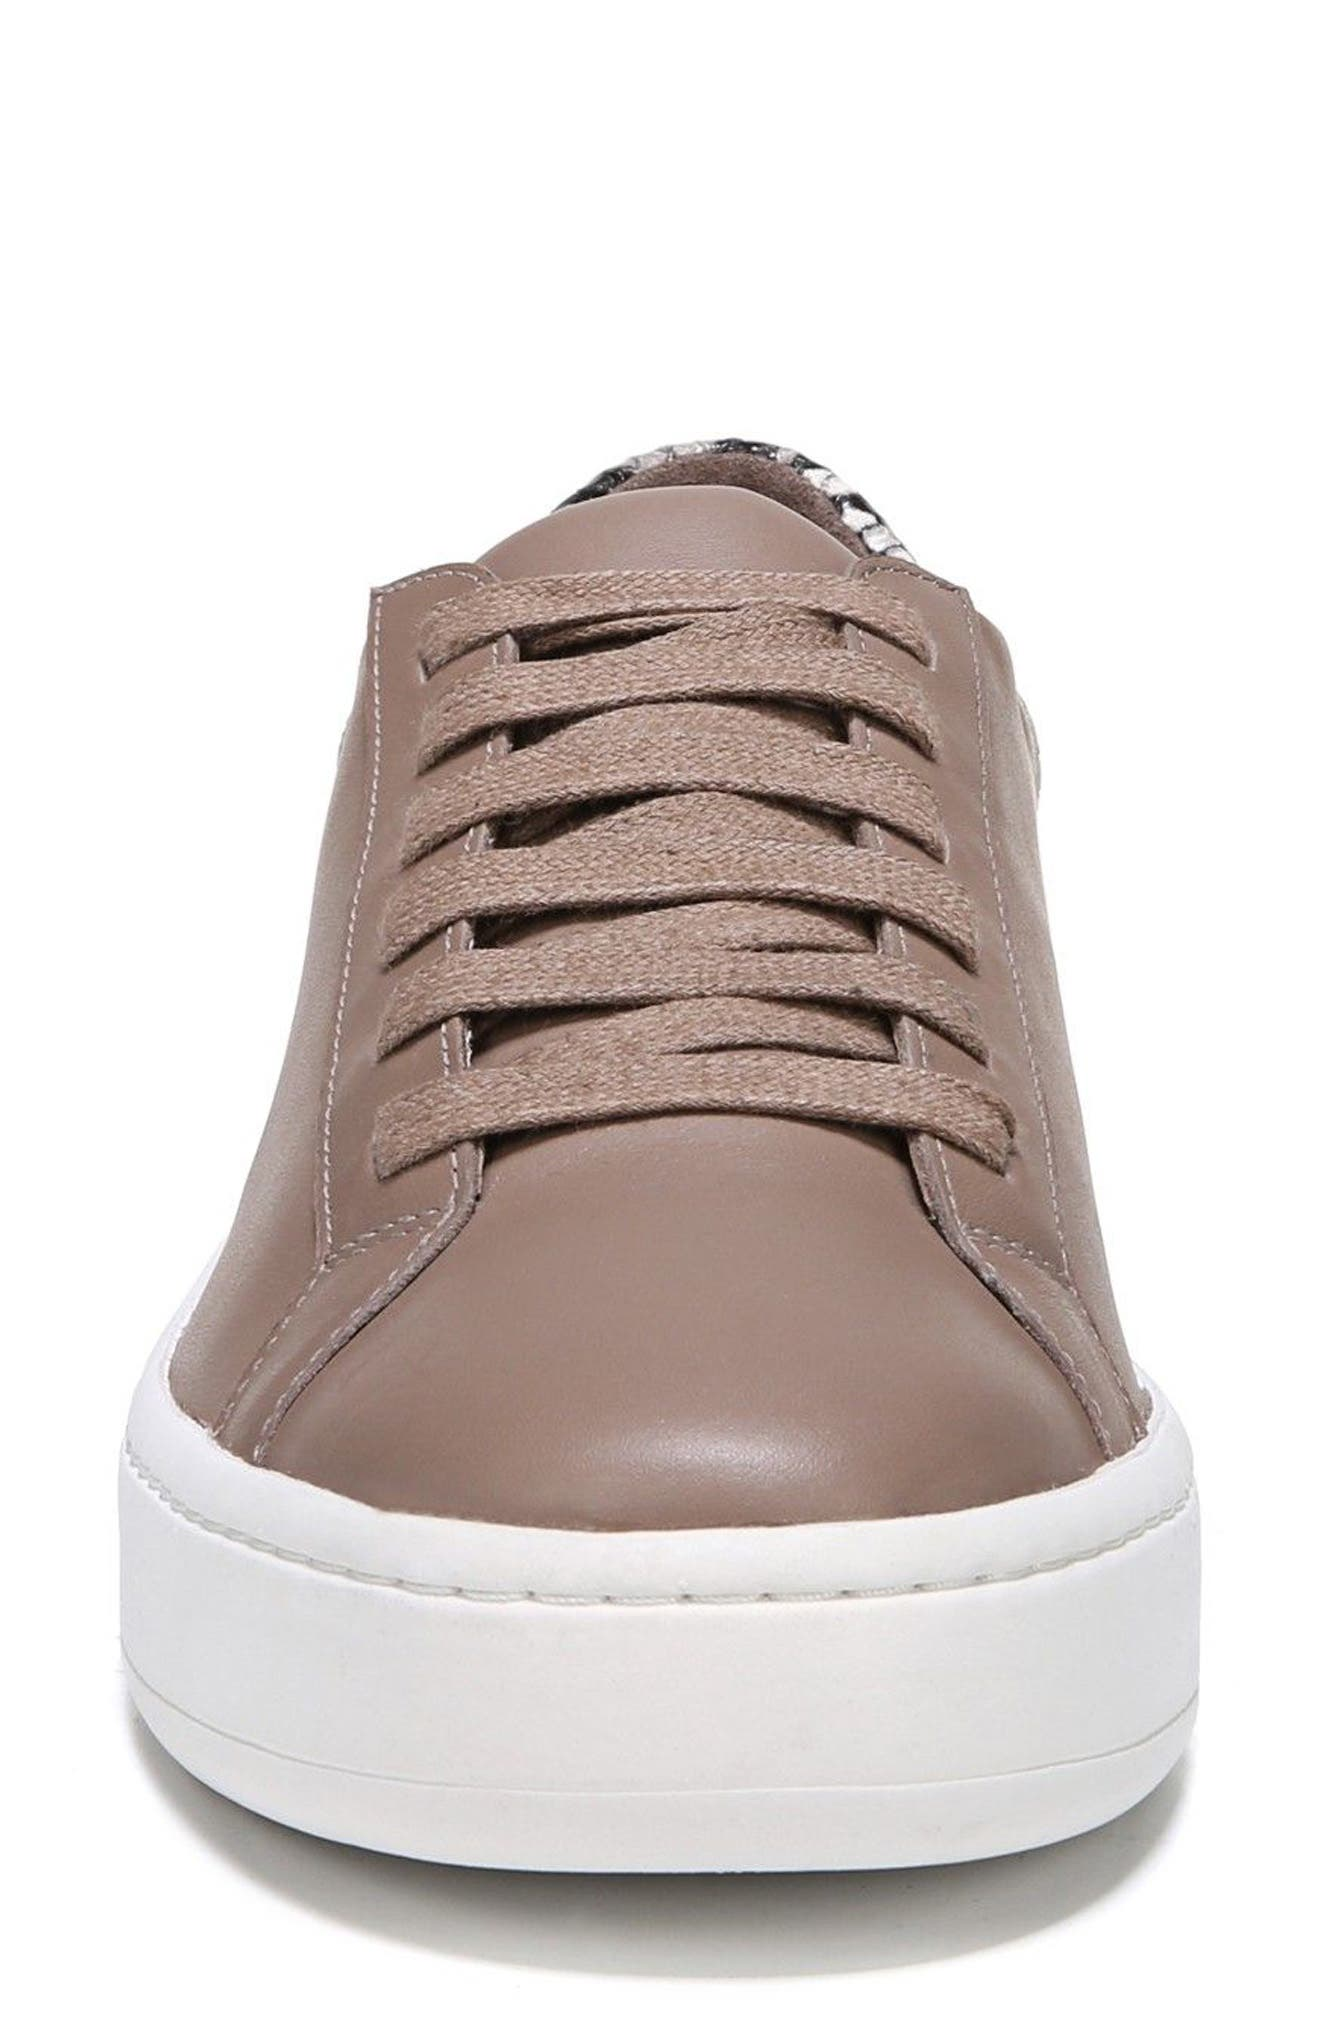 Rylen Platform Sneaker,                             Alternate thumbnail 4, color,                             Porcini/ Black/ White Leather